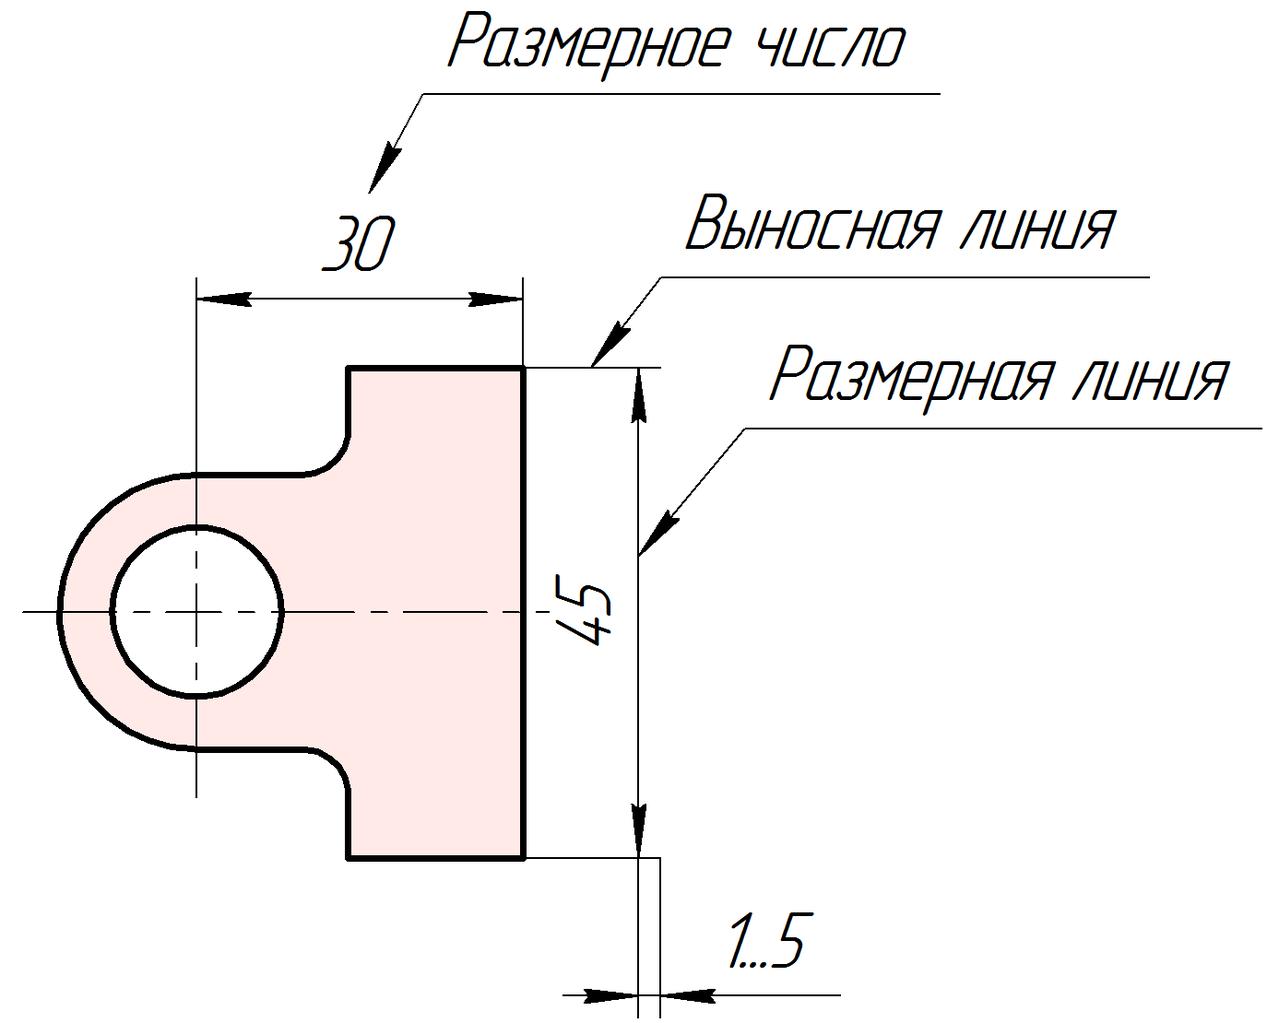 Гост 2.755-87 ескд. обозначения условные графические в электрических схемах. устройства коммутационные и контактные соединения